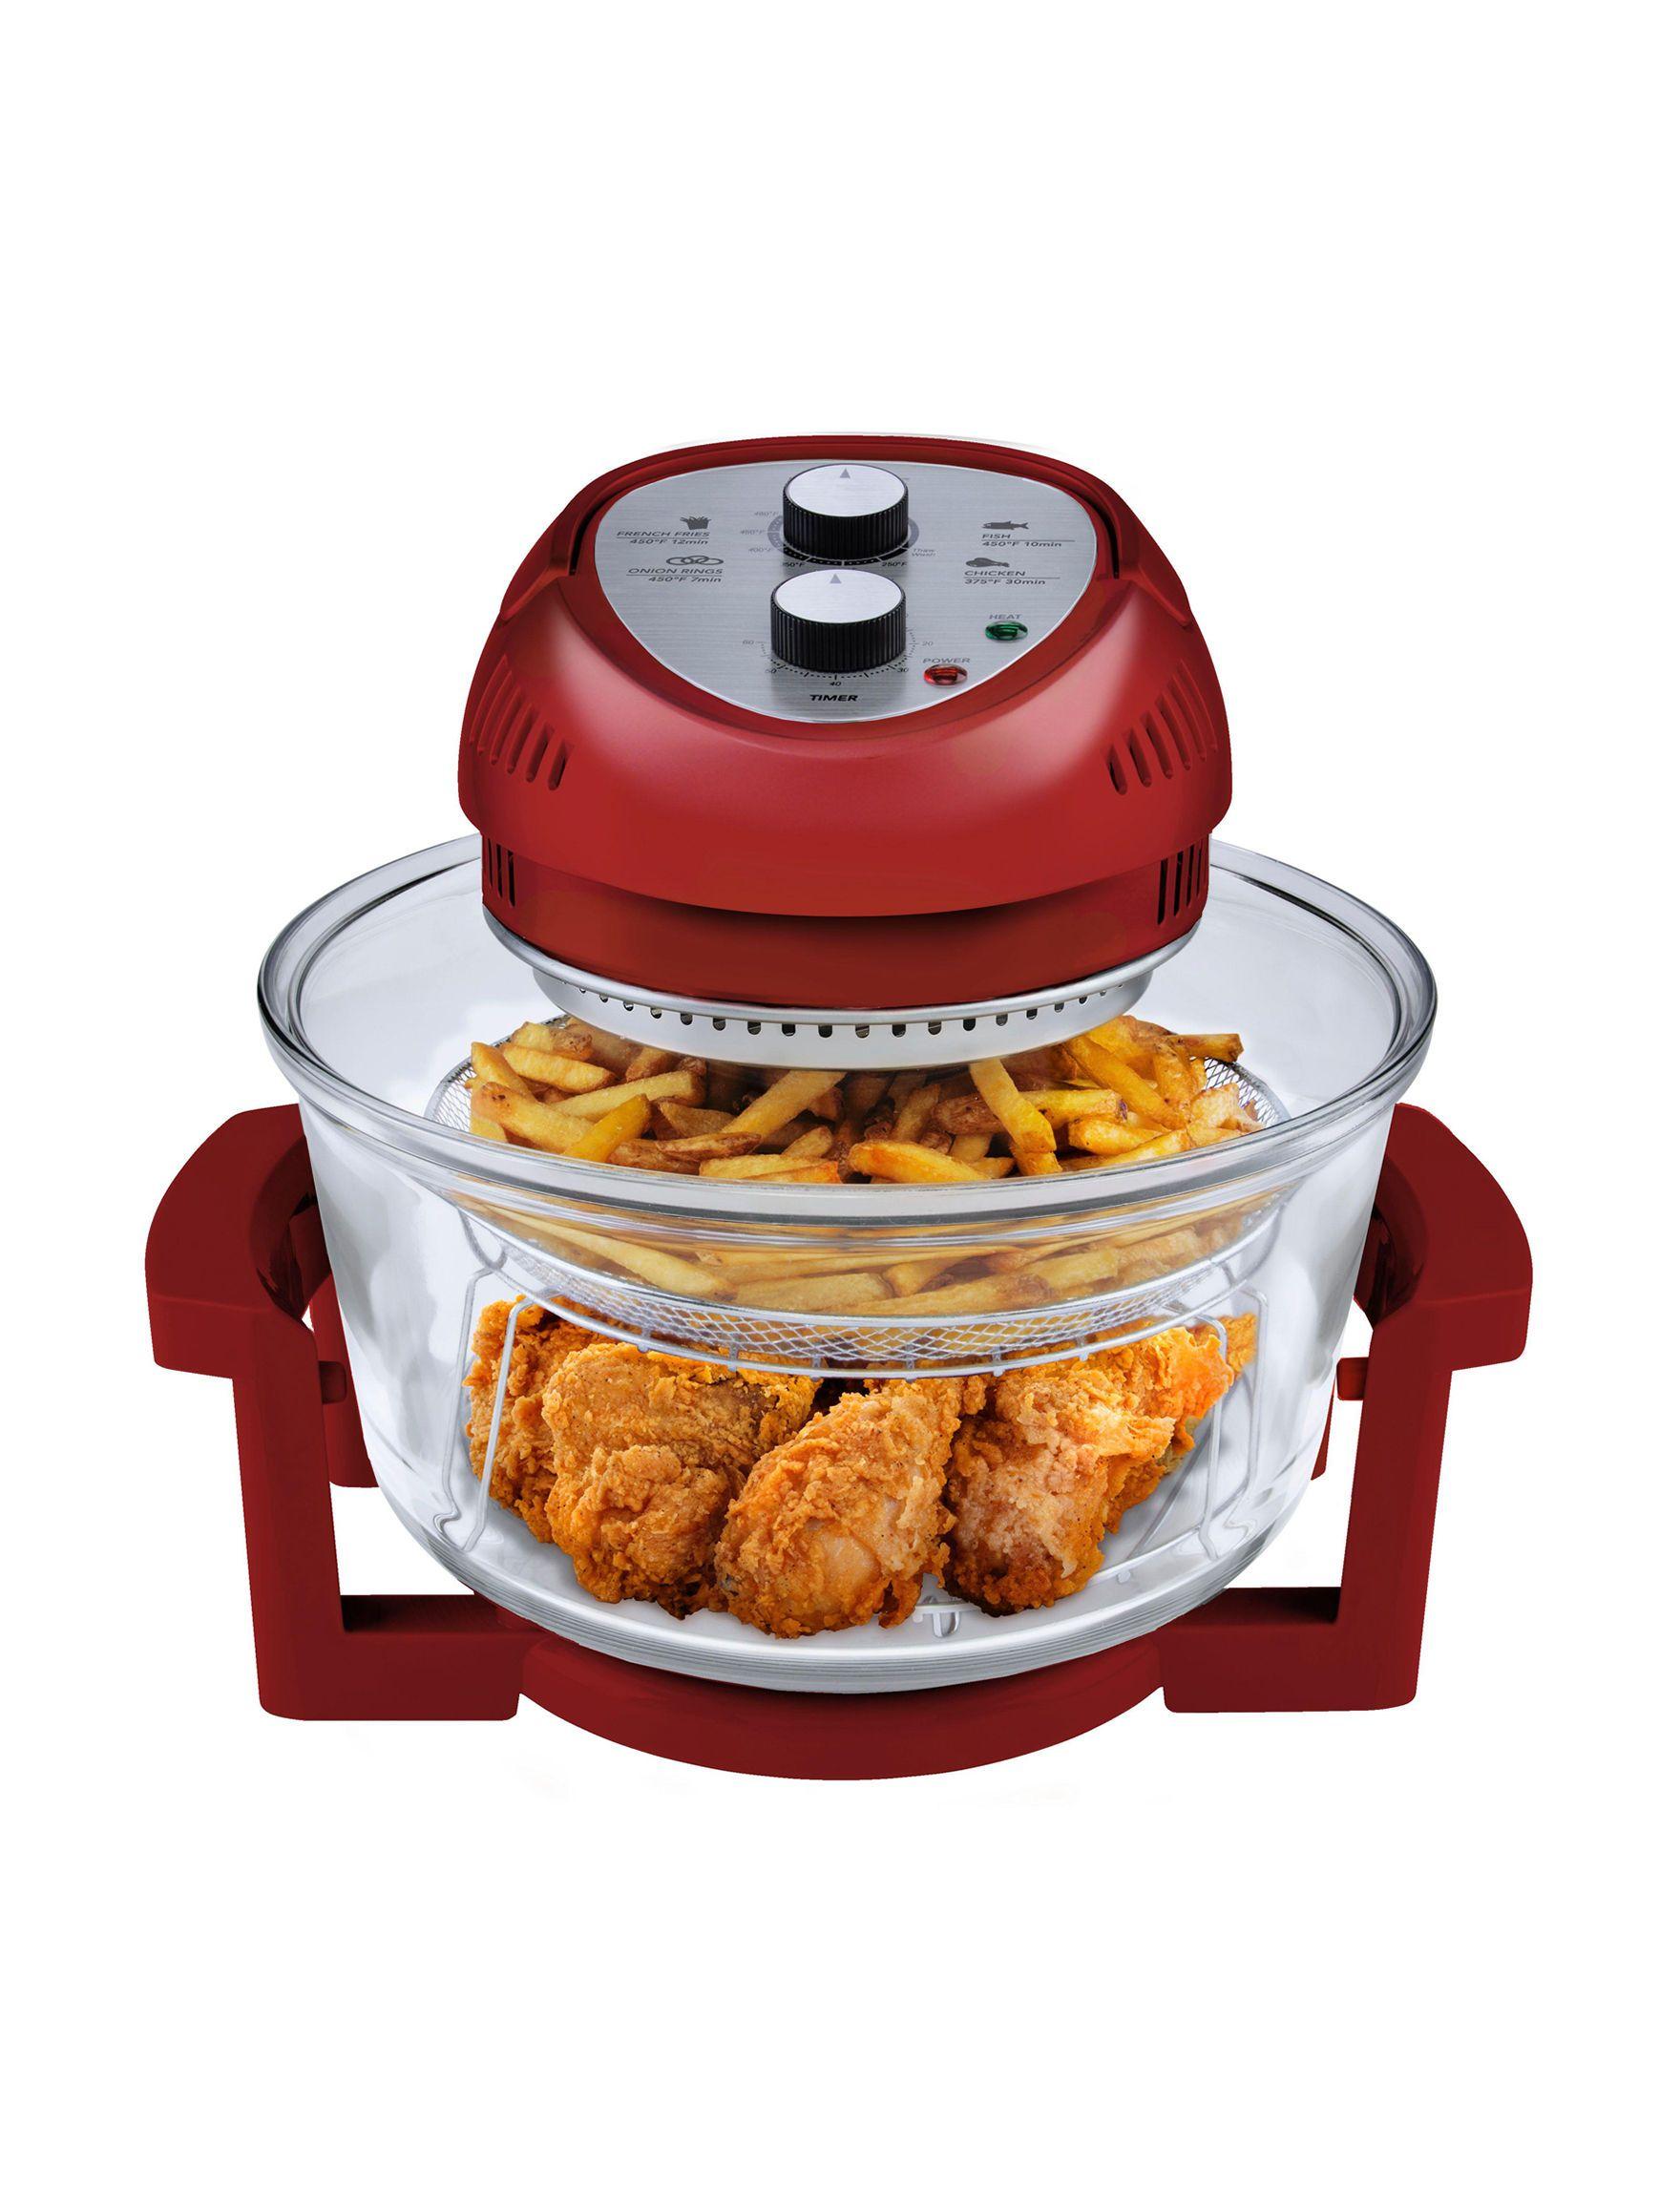 Big boss red oilless air fryer air fryer recipes oil